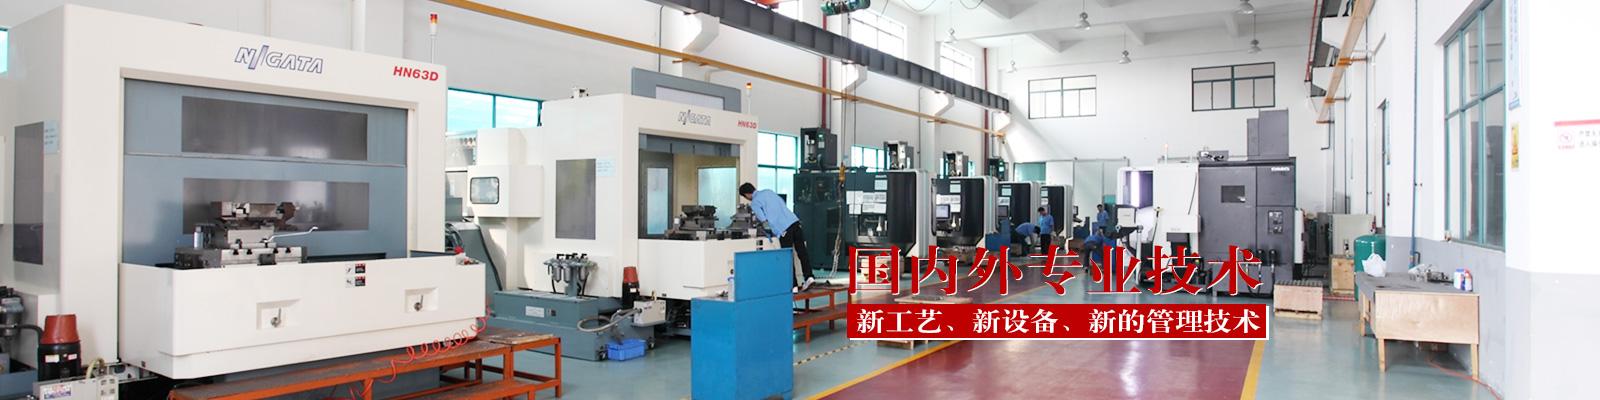 上海愛葛尼機床有限公司